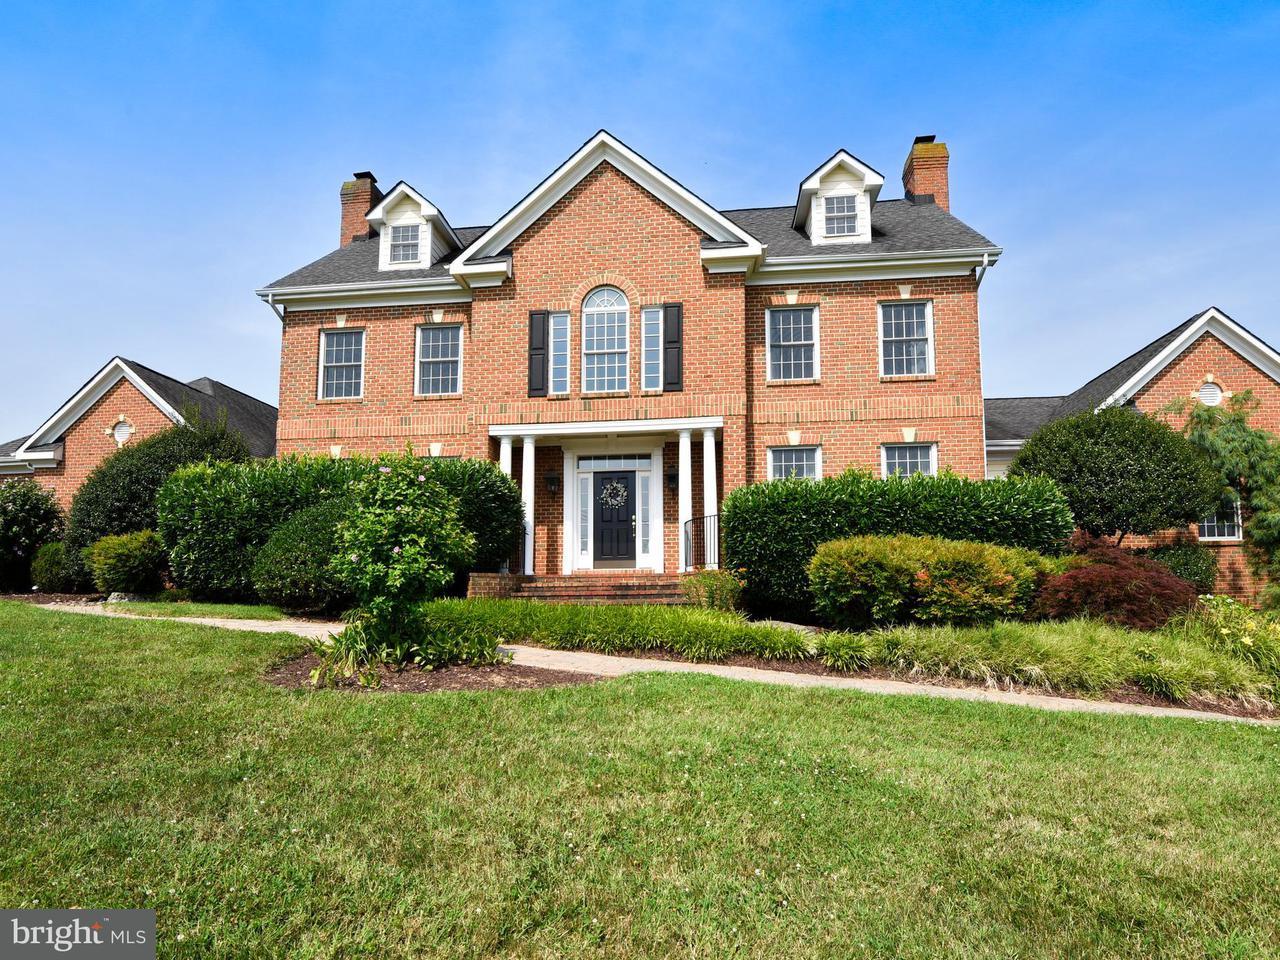 Maison unifamiliale pour l Vente à 1100 THOMAS SWANN Lane 1100 THOMAS SWANN Lane Davidsonville, Maryland 21035 États-Unis